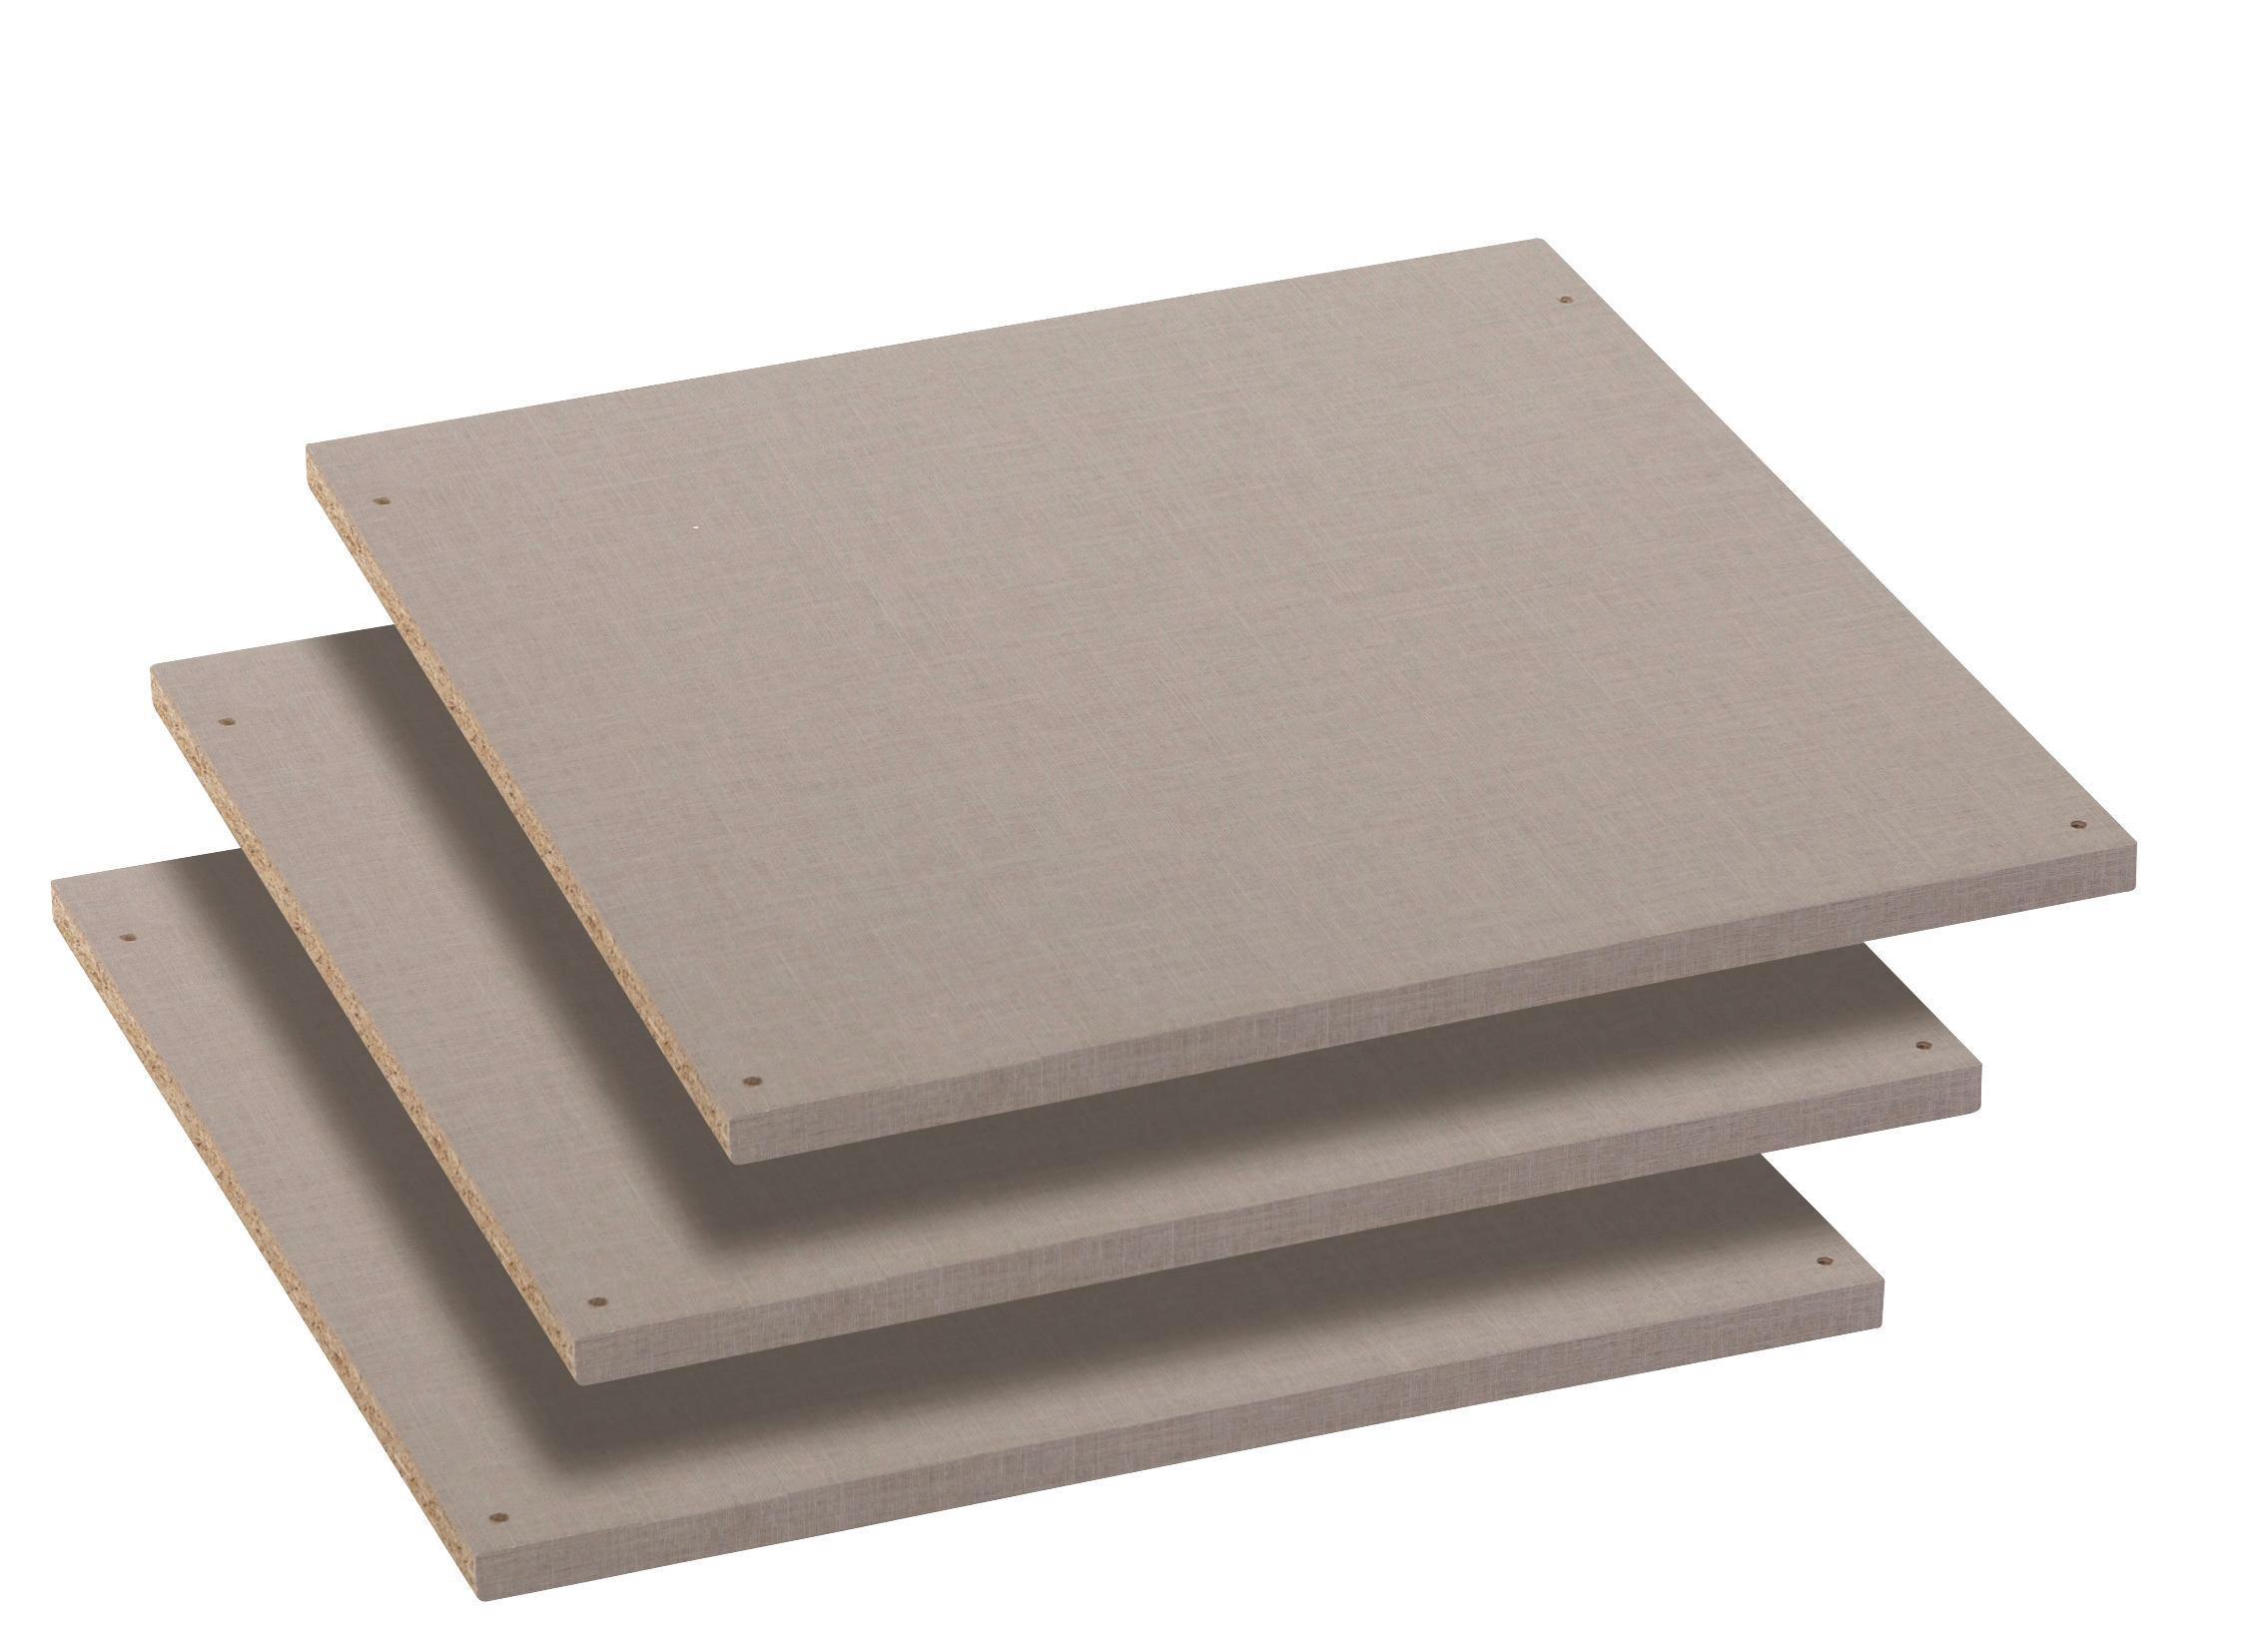 Full Size of Einlegeboden Schublade Küche Einlegeboden Küche Einlegeboden Nobilia Küche Einlegeböden Küche Glas Küche Einlegeböden Küche